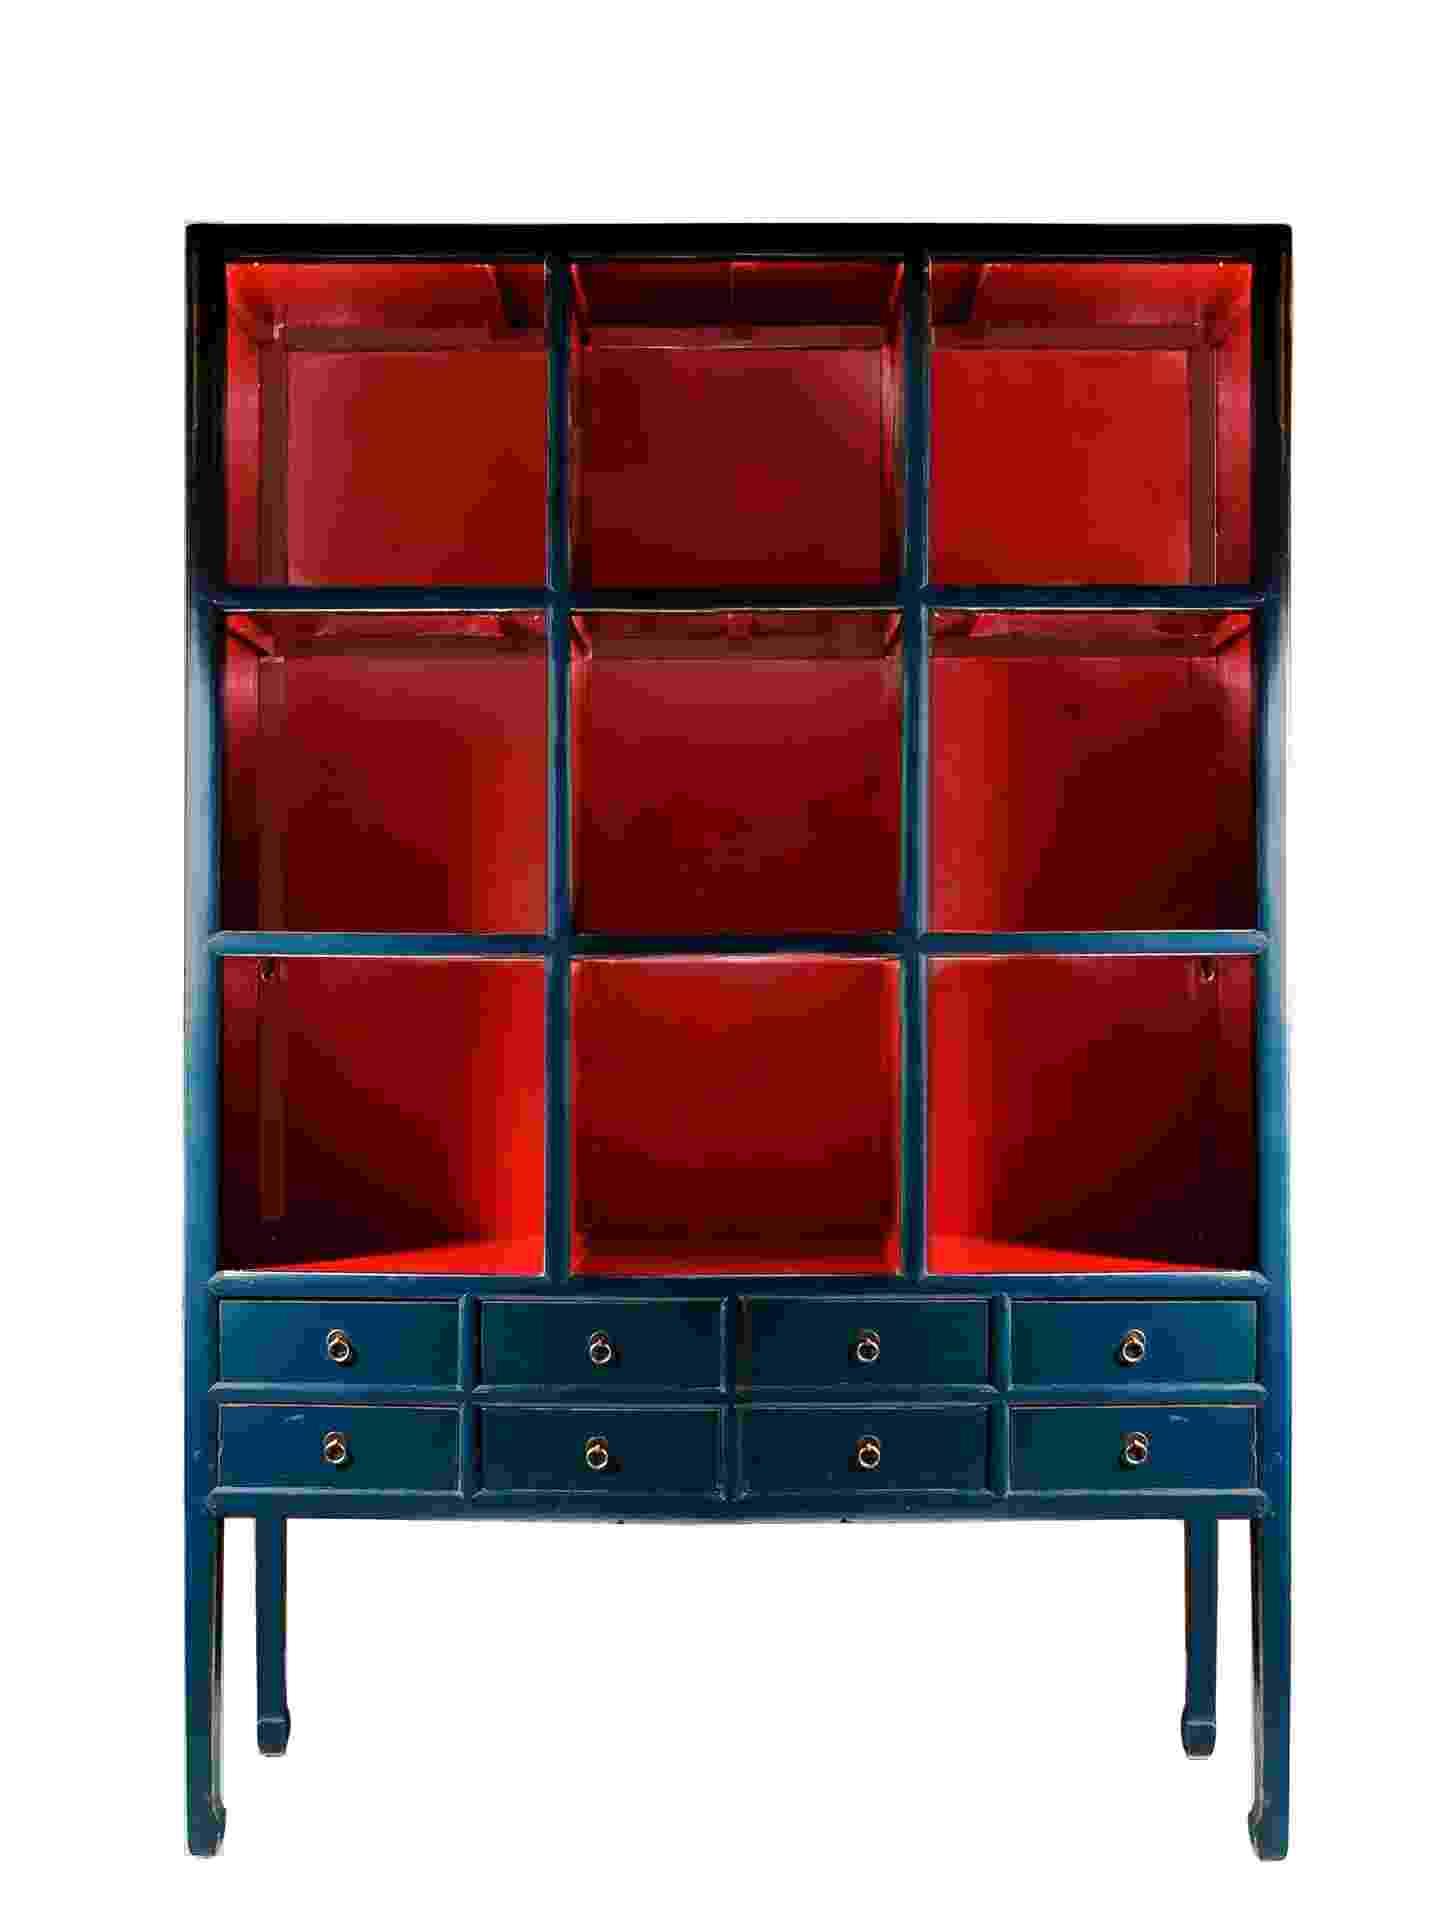 A estante de madeira patinada nas cores azul e vermelho possui pequenas gavetas e mede 150 cm por 46 cm por 230 cm. A peça é importada pela 6F Decorações e vendida na Blue Gardenia por R$ 4.950 I Preços pesquisados em dezembro de 2012 e sujeitos a alterações - Divulgação